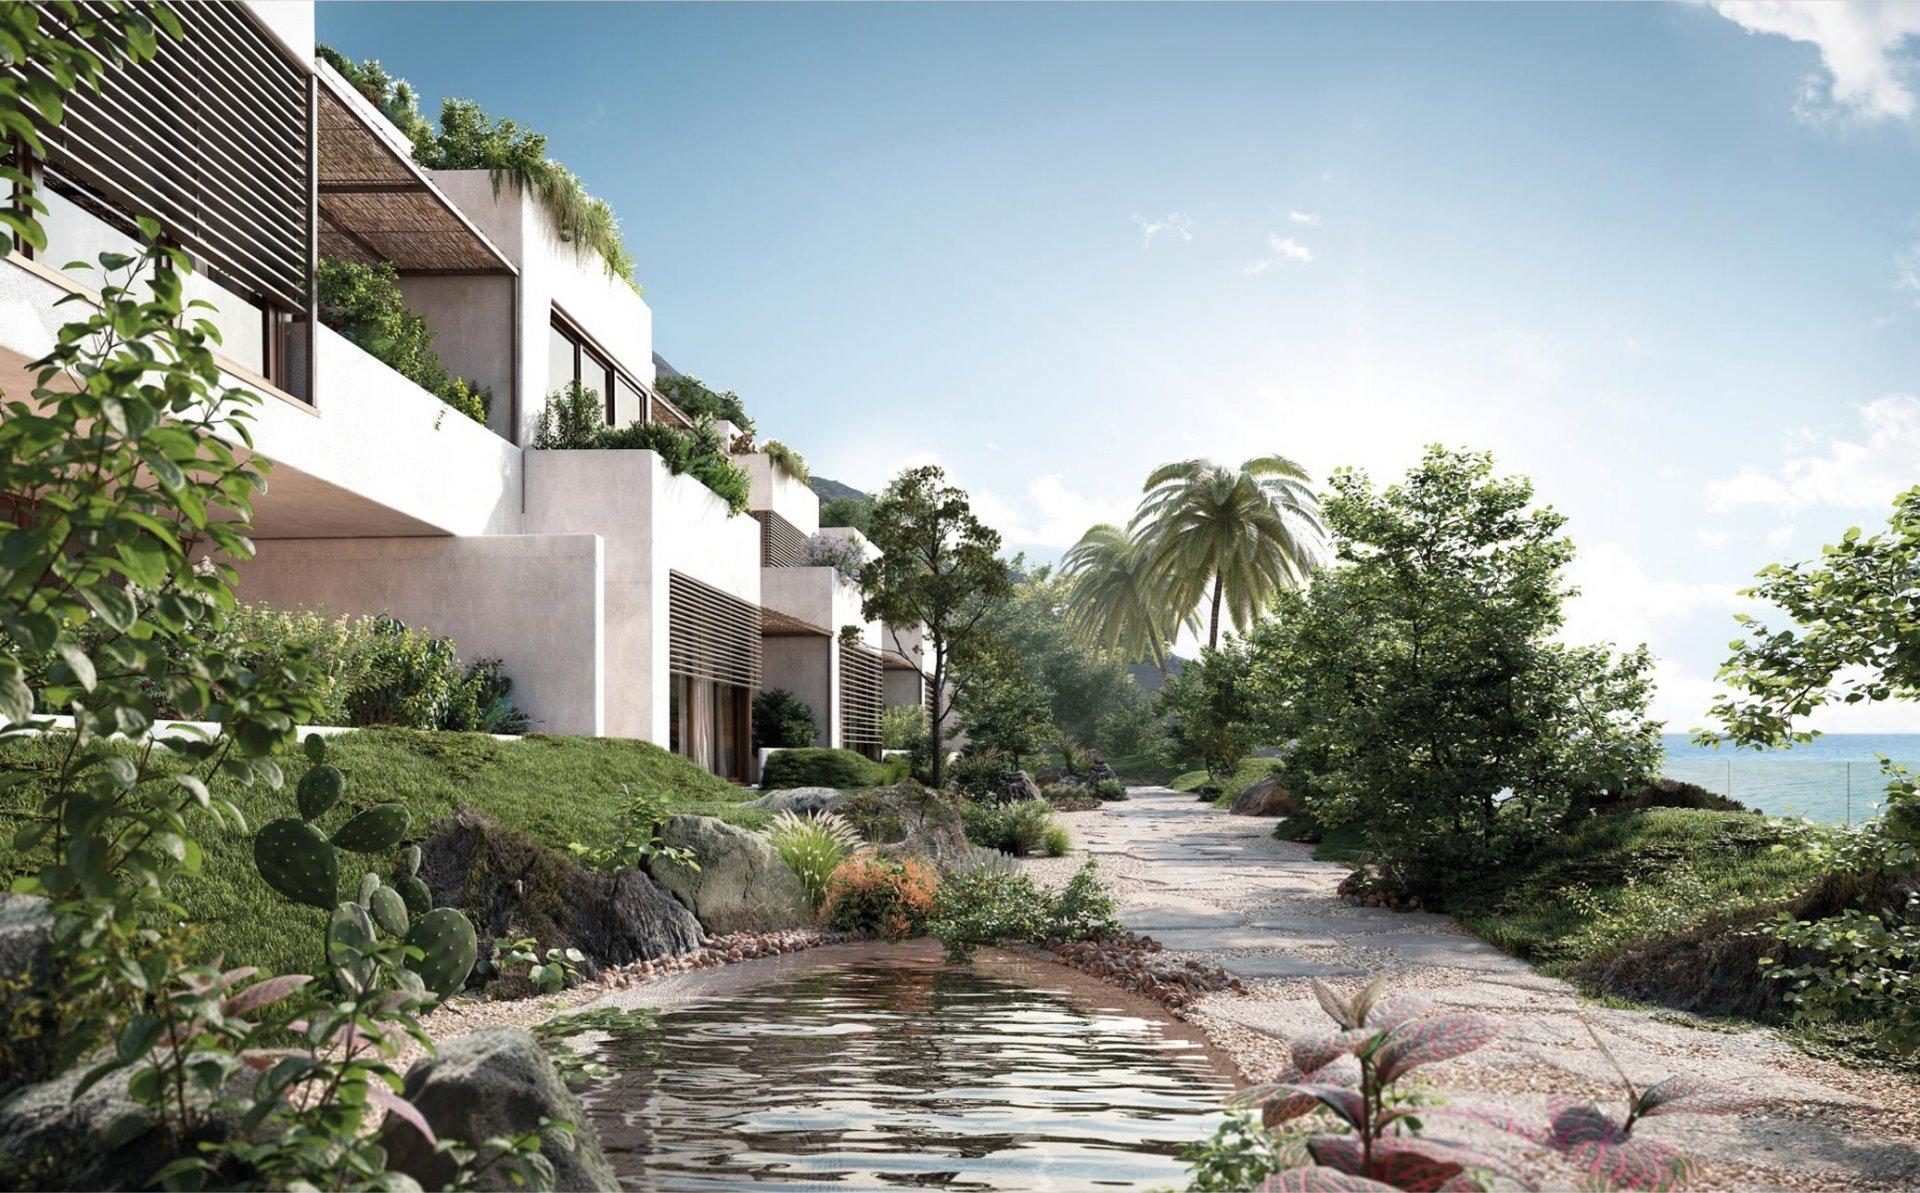 L'Exotique - Exceptional penthouse